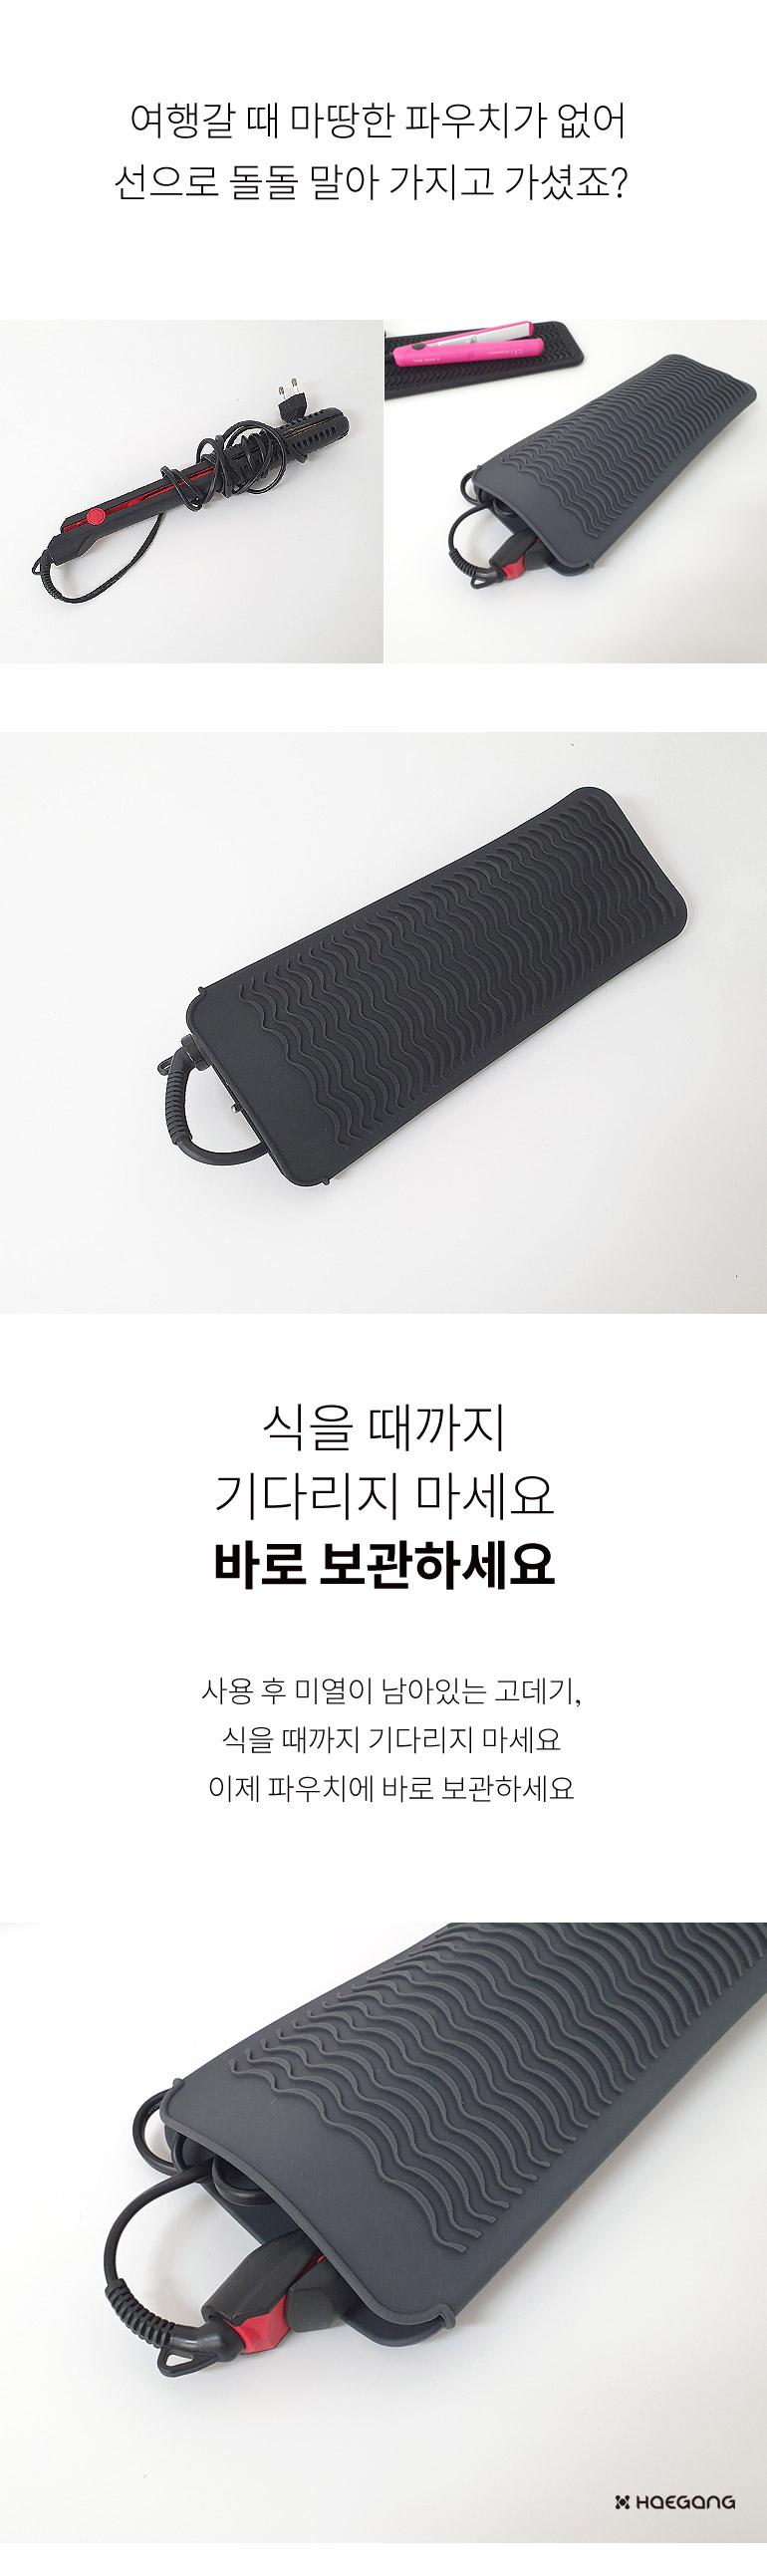 여행용 실리콘 고데기 파우치 - 세일덕, 9,800원, 편의용품, 기타 여행용품